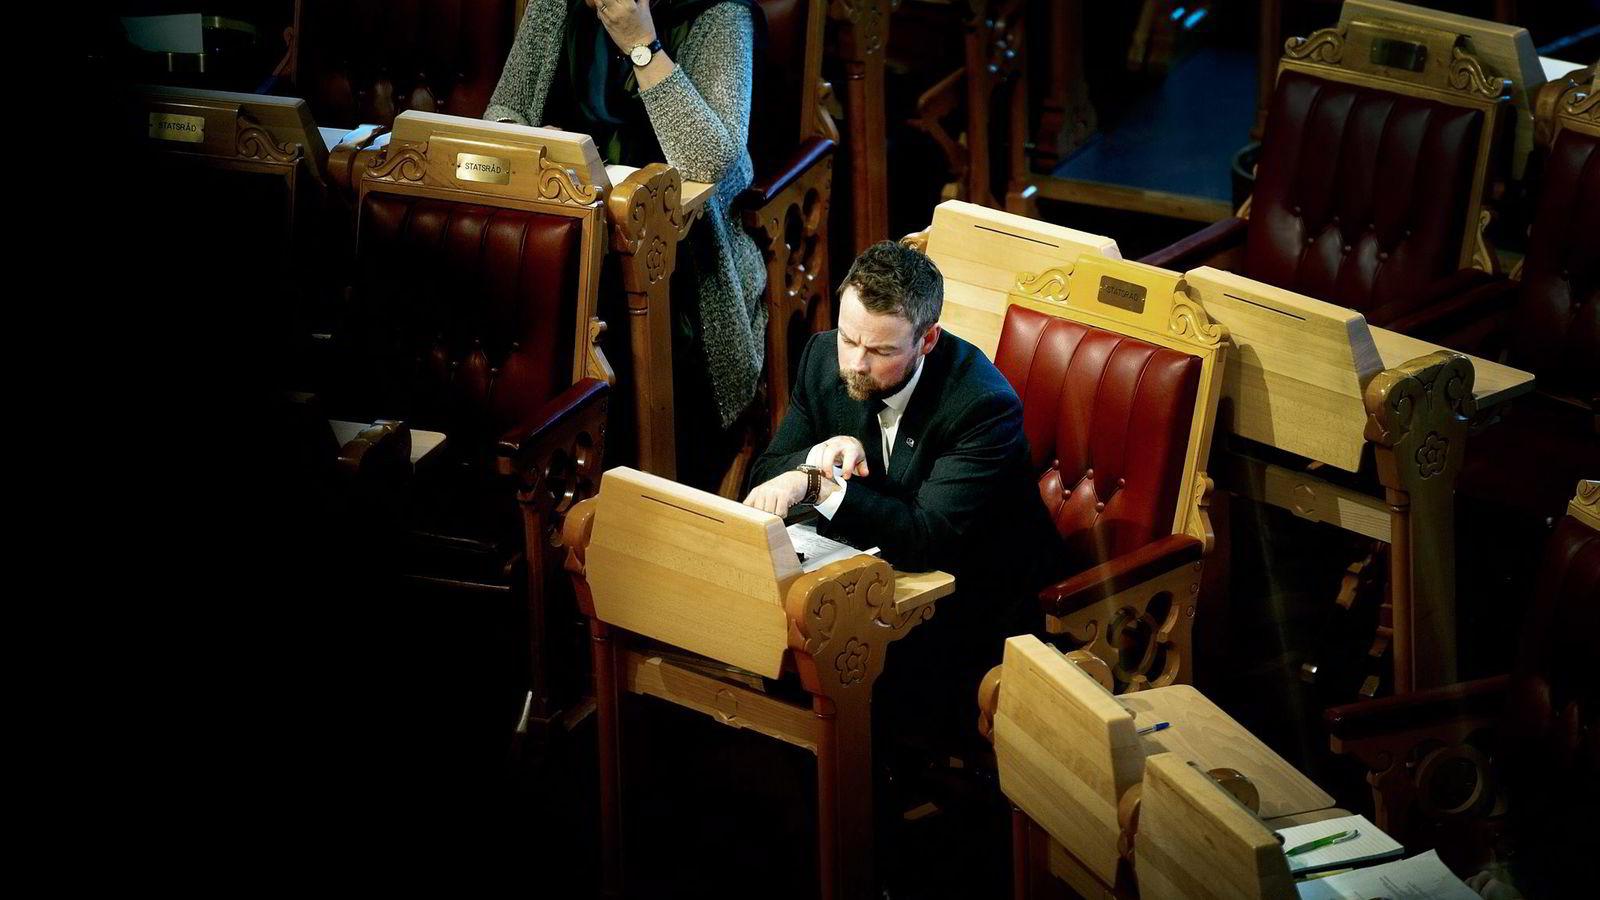 Kunnskapsminister Torbjørn Røe Isaksens ble målt med regjeringens forslag om kutt i formuesskatten da han stilte i Stortingets spontanspørretime. Mot den målestokken ser det meste smått ut.